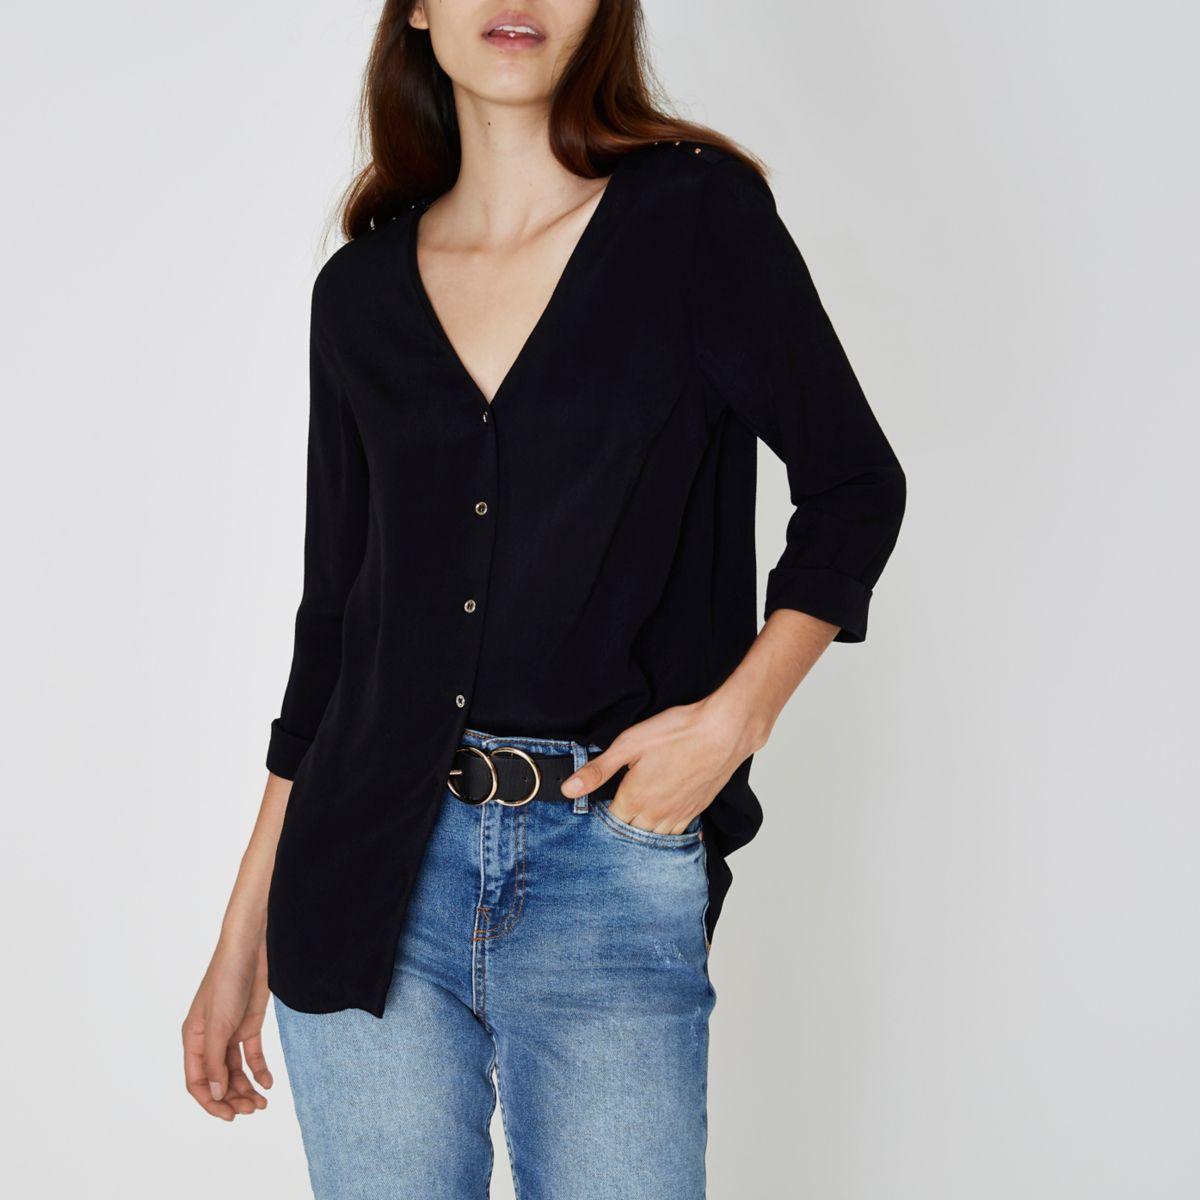 Zwarte blouse met knopen, gekruiste banden op de rug en V-hals